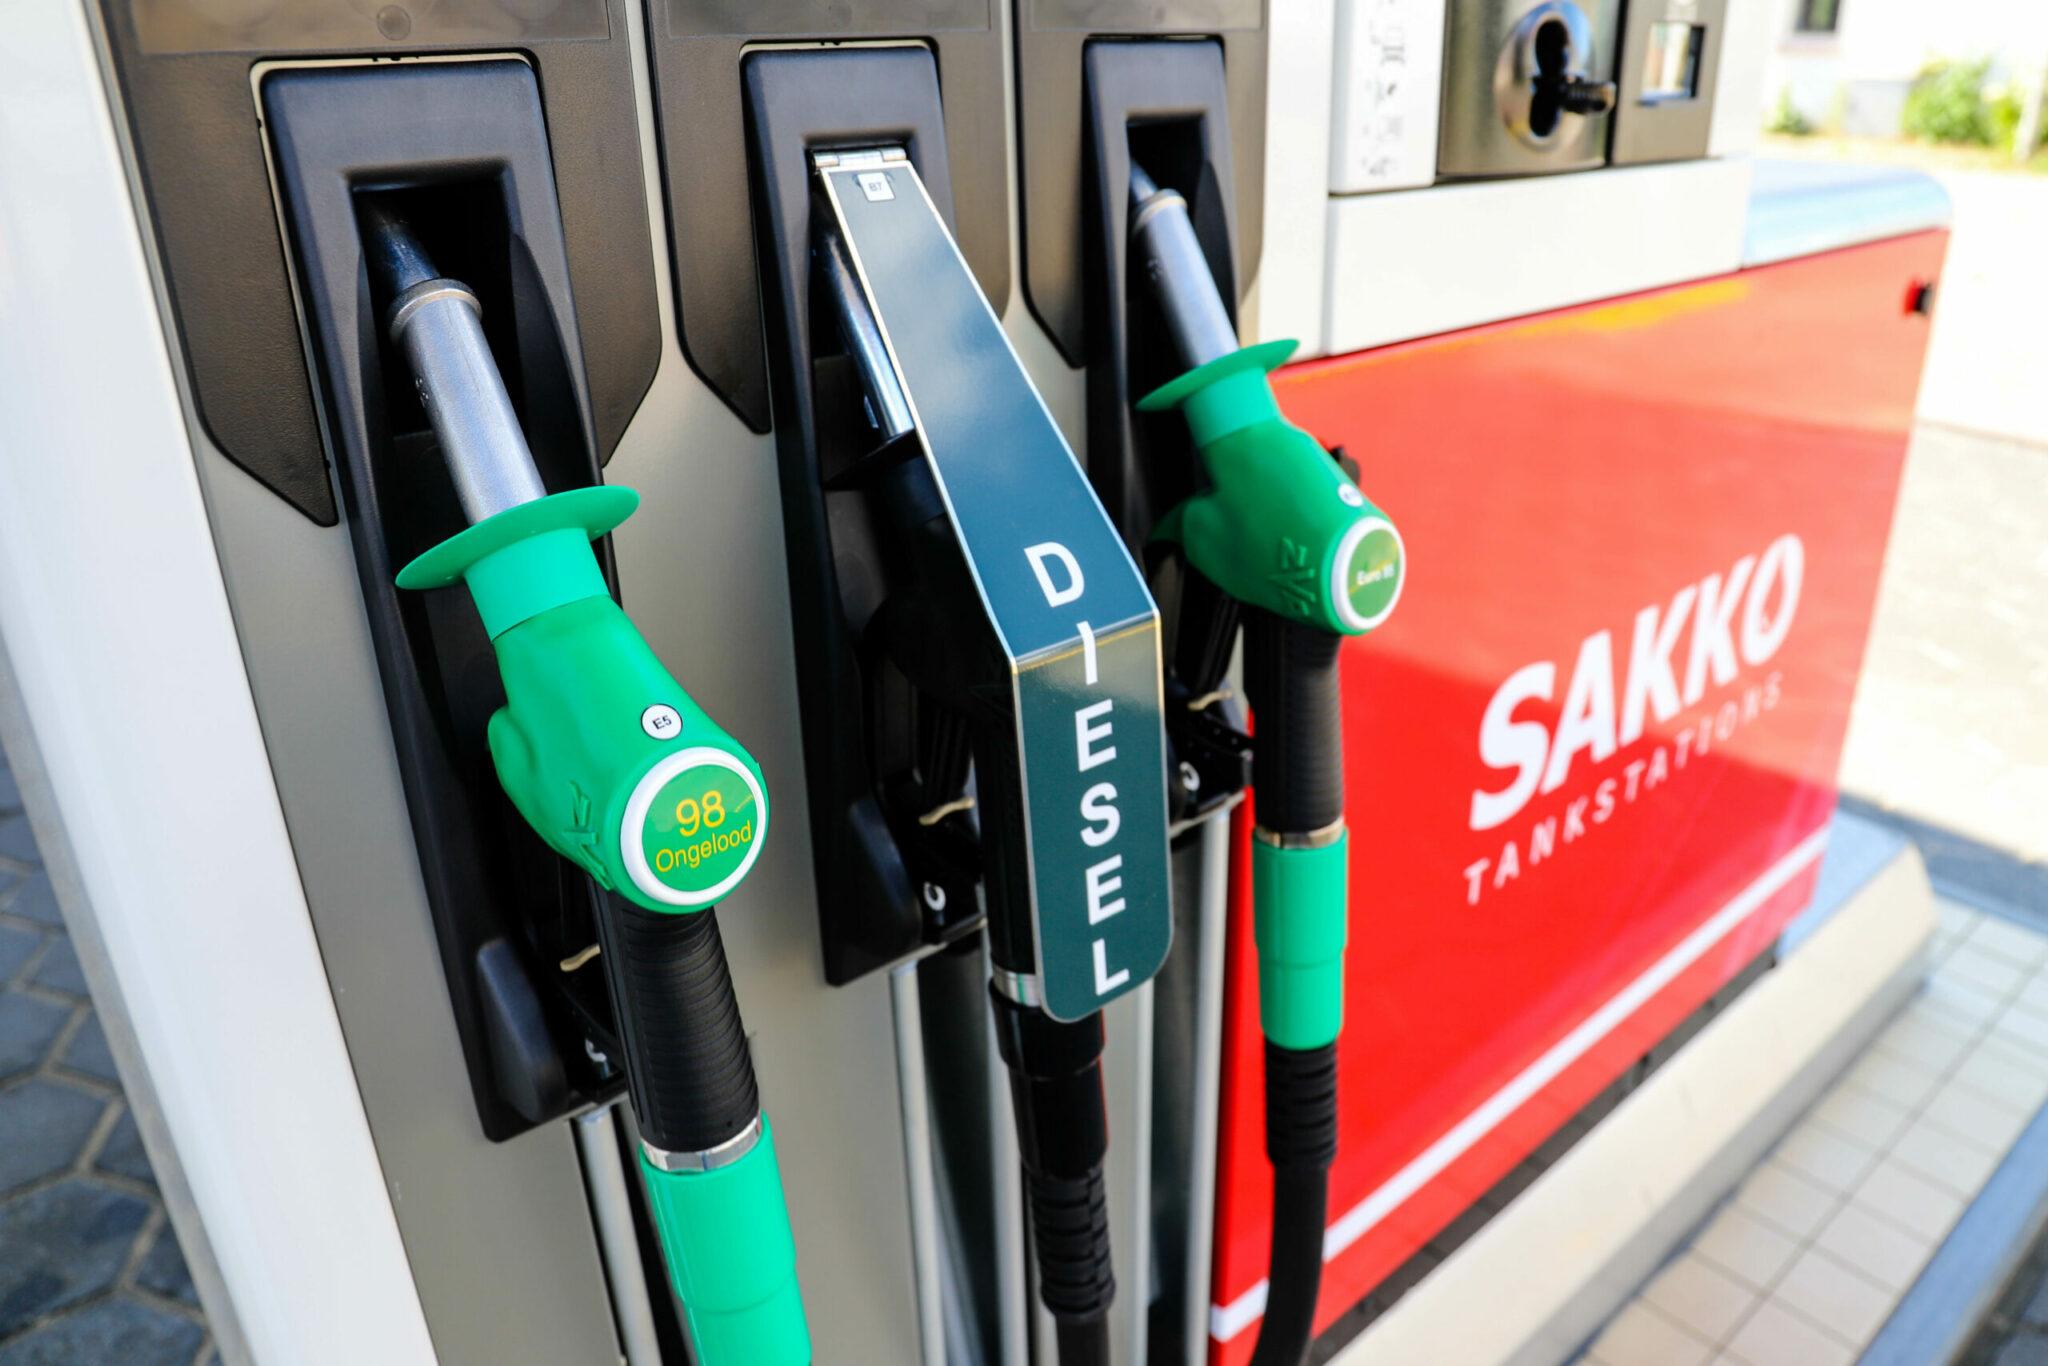 sakko tankstation tankstations tanken auto benzinestation benzine diesel lpg bergen op zoom